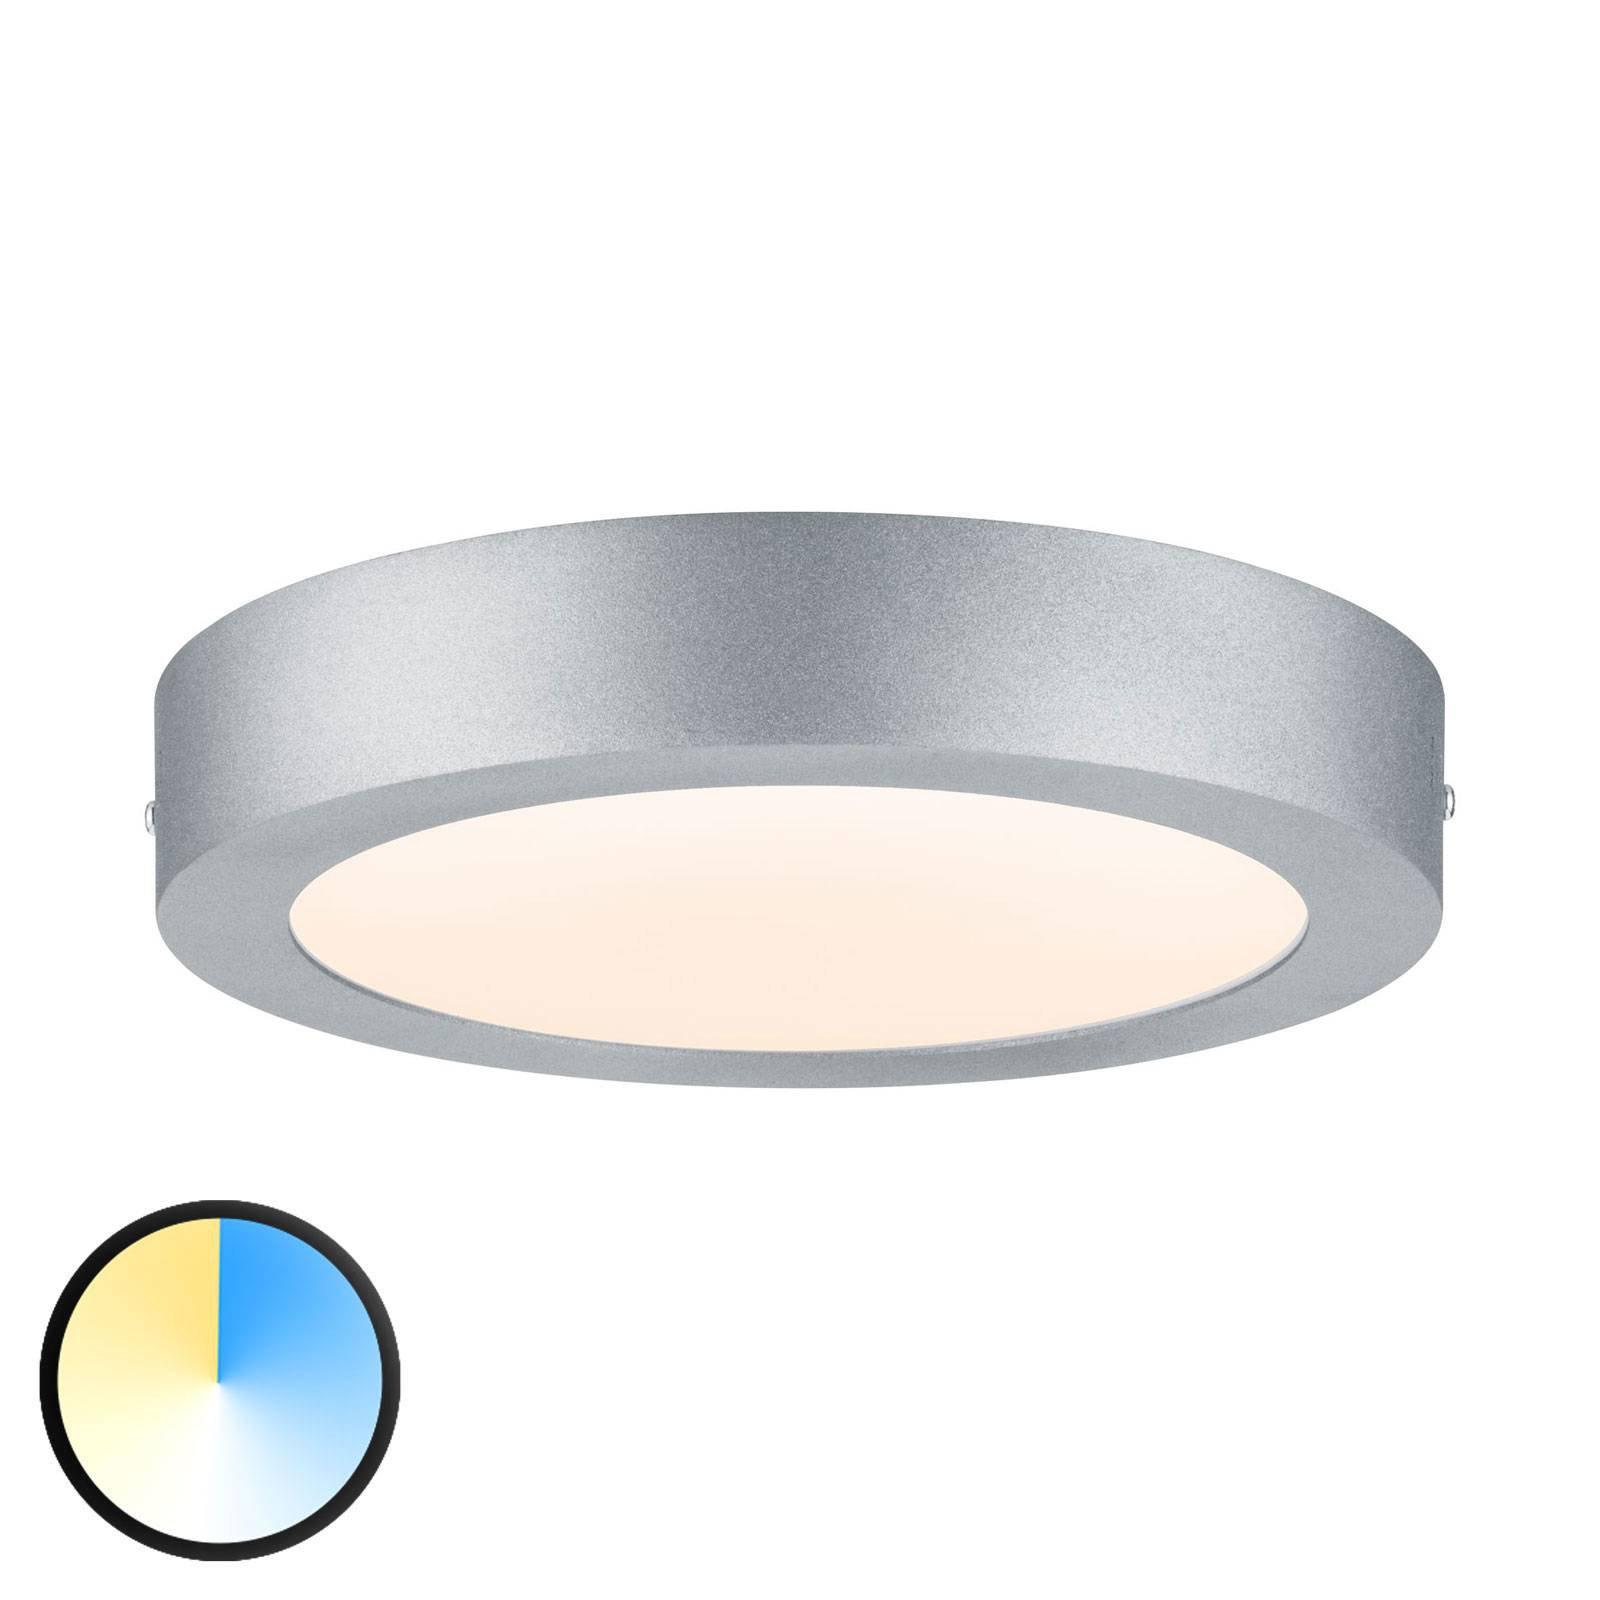 Paulmann Carpo LED-taklampe rund krom 22,5 cm